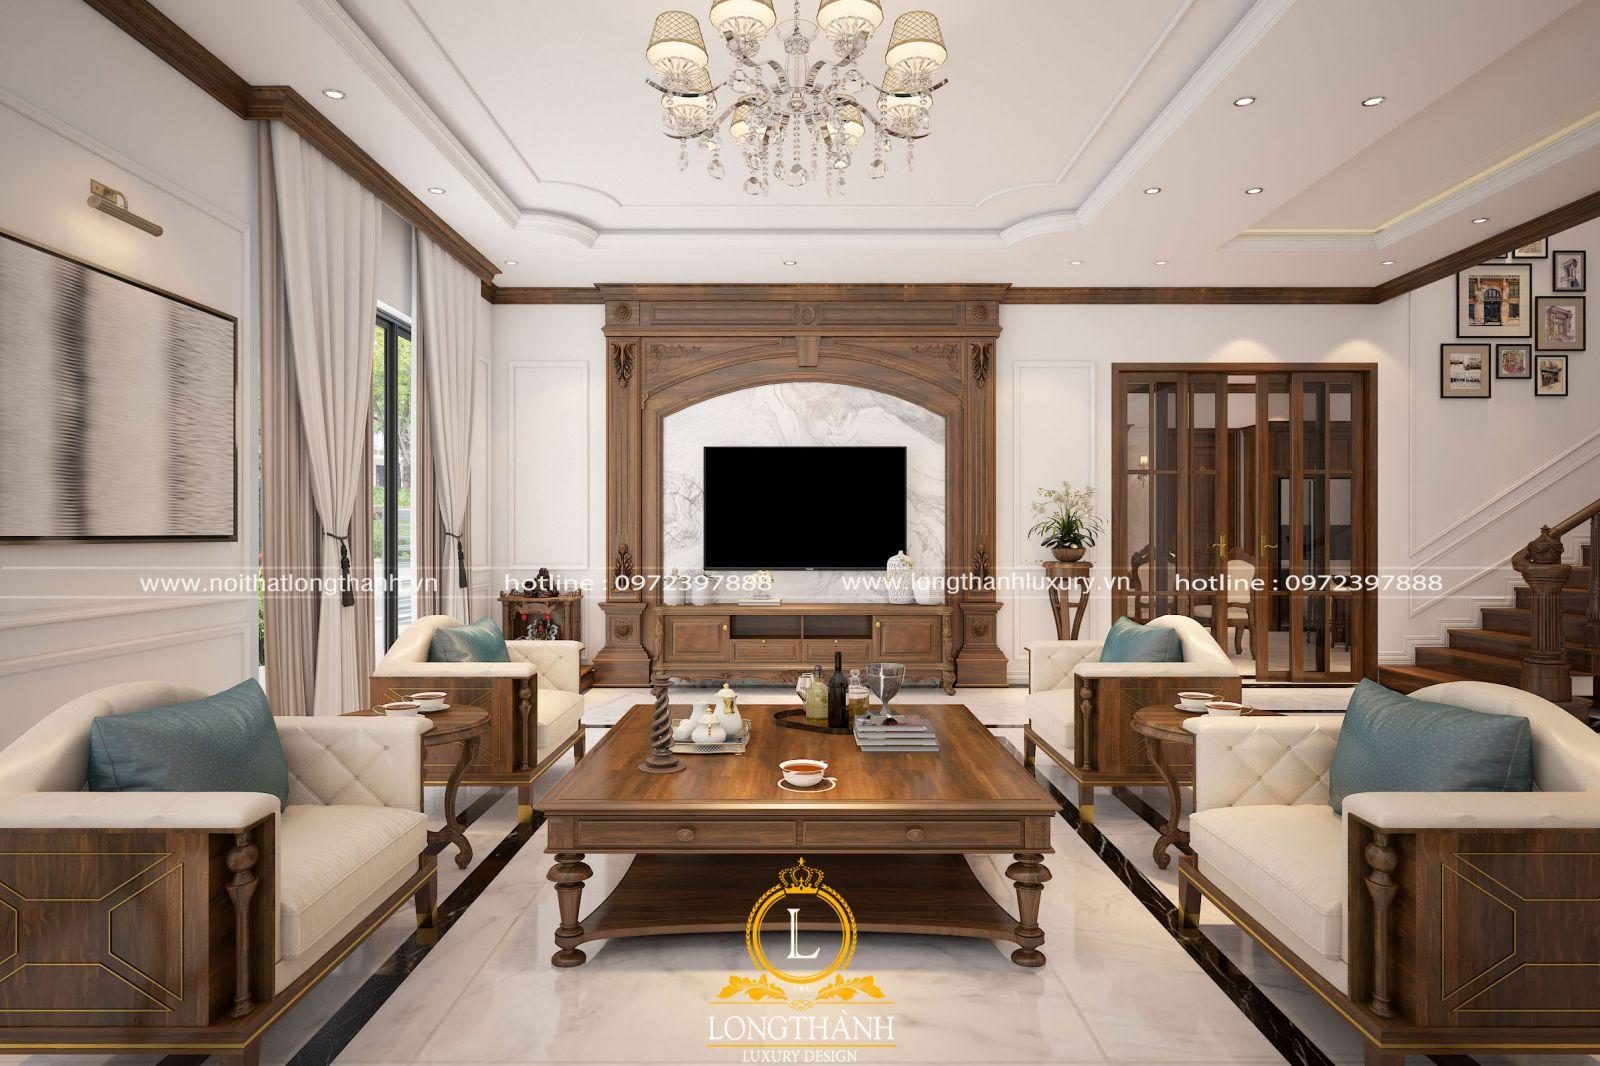 Thiết kế phòng khách tân cổ điển hiện đại mới lạ